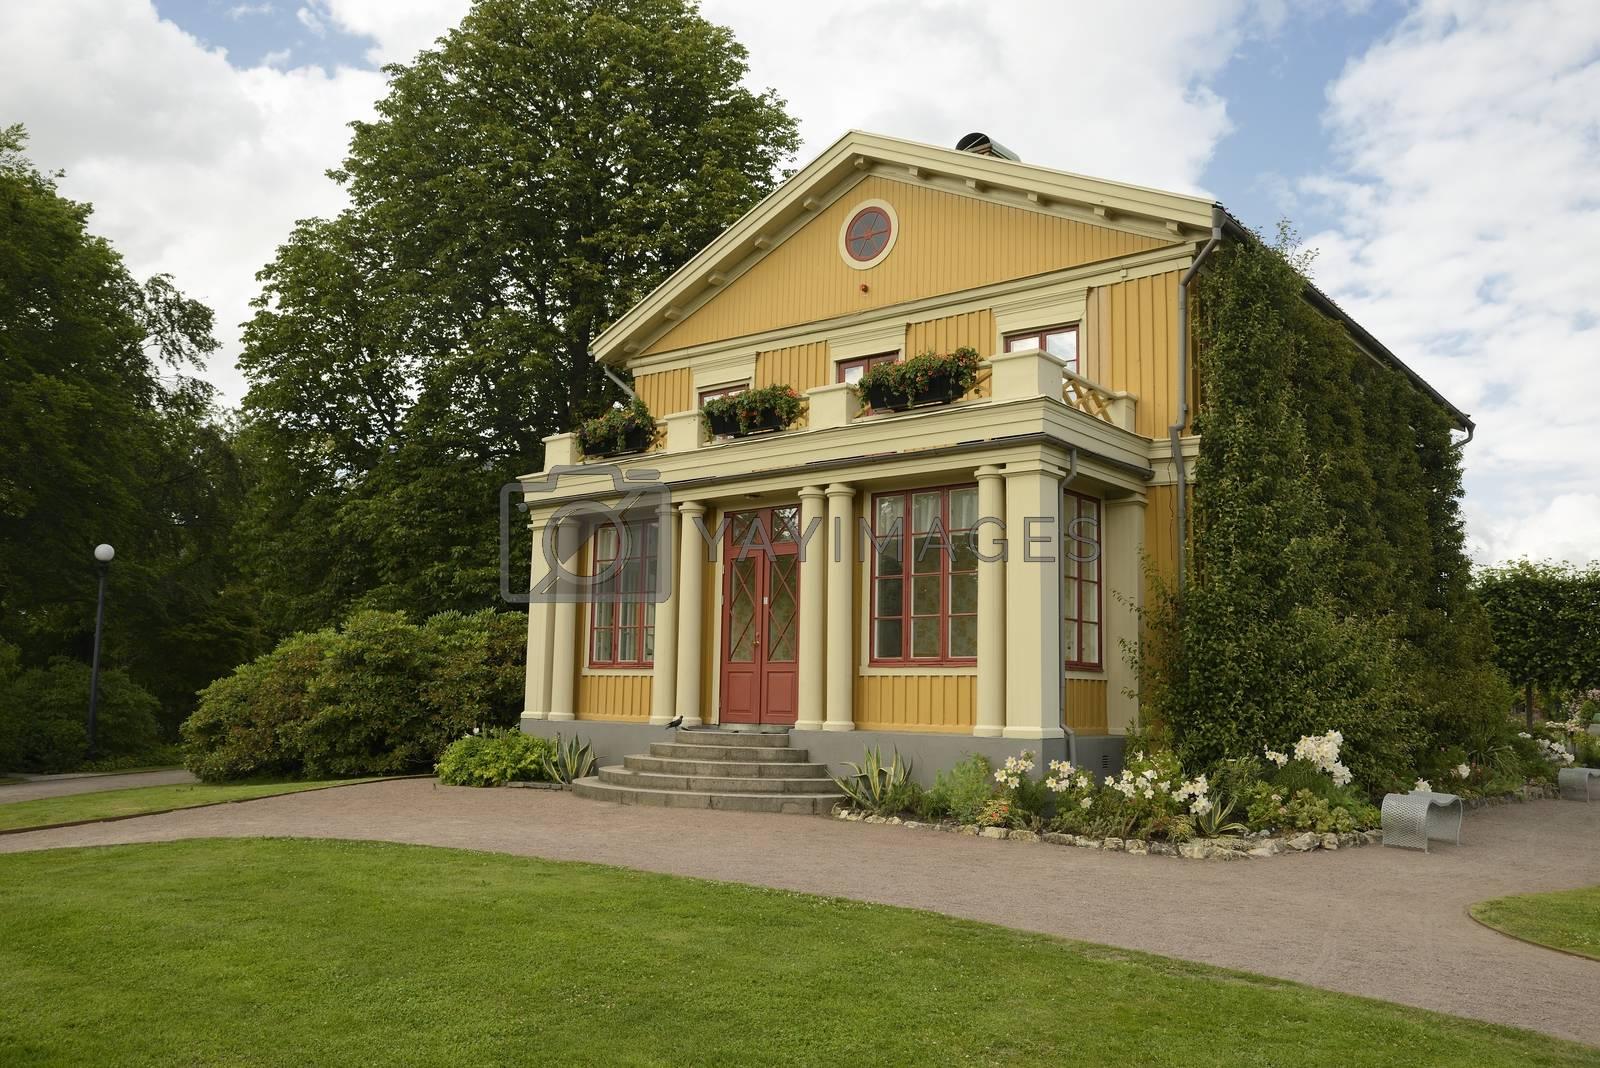 Old wooden house in garden of Tradgardsforeningen